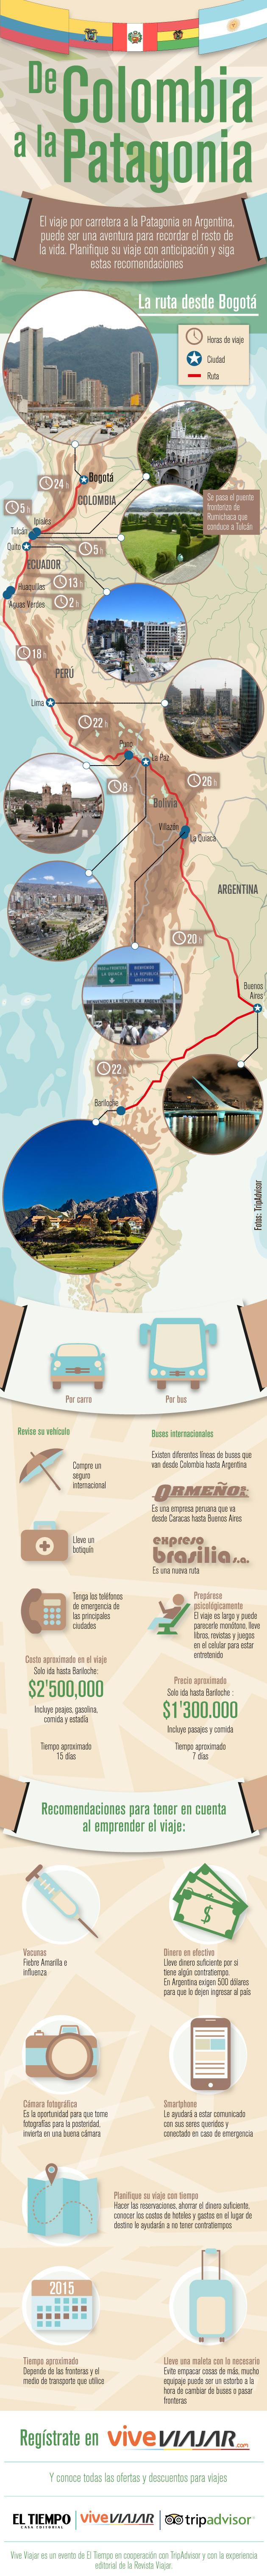 Viaje desde Colombia a la Patagonia en coche